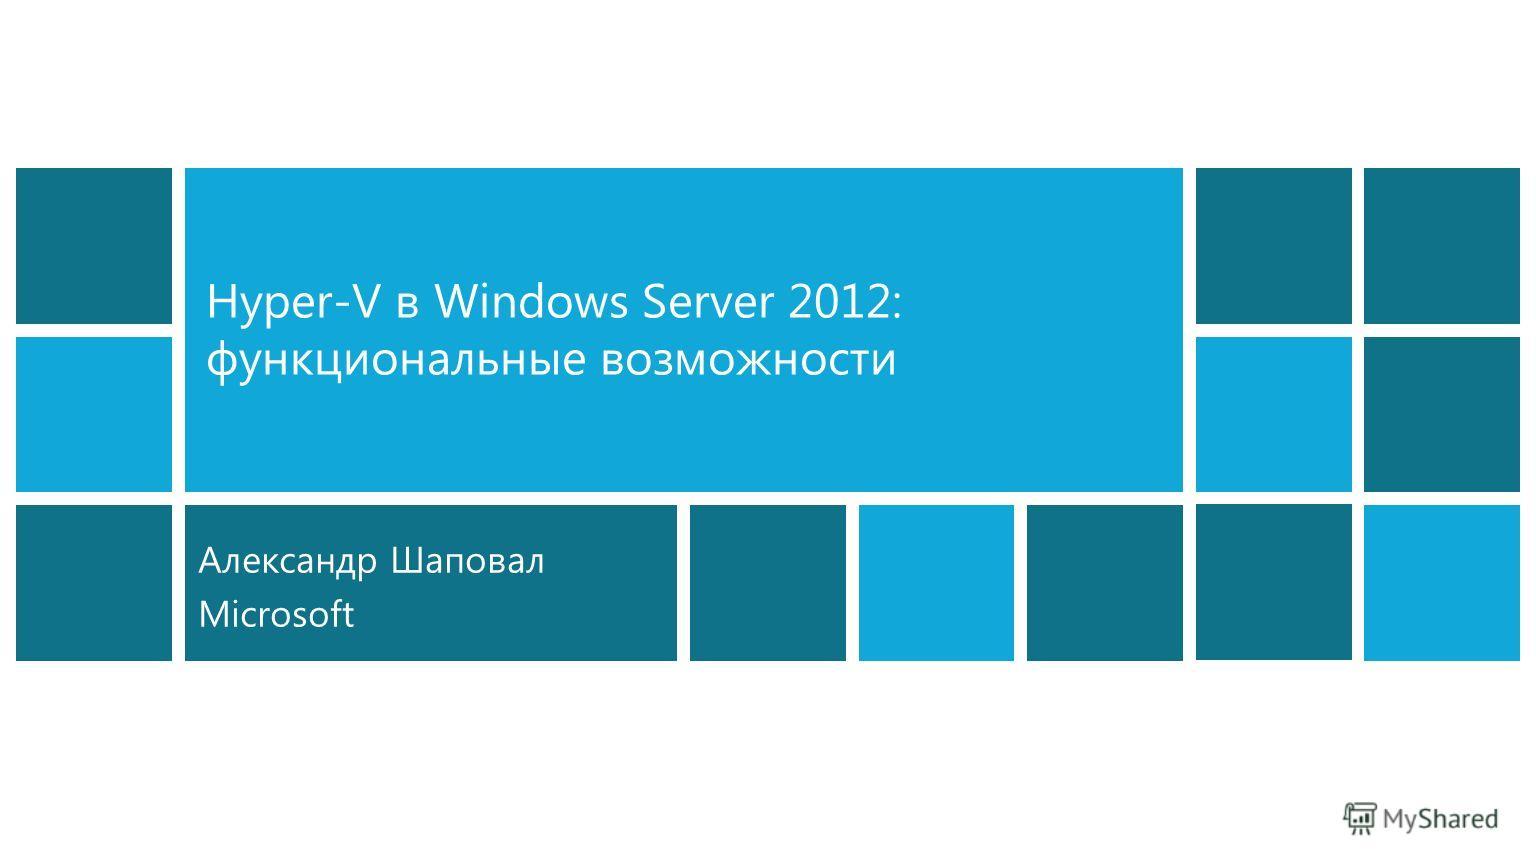 Hyper-V в Windows Server 2012: функциональные возможности Александр Шаповал Microsoft